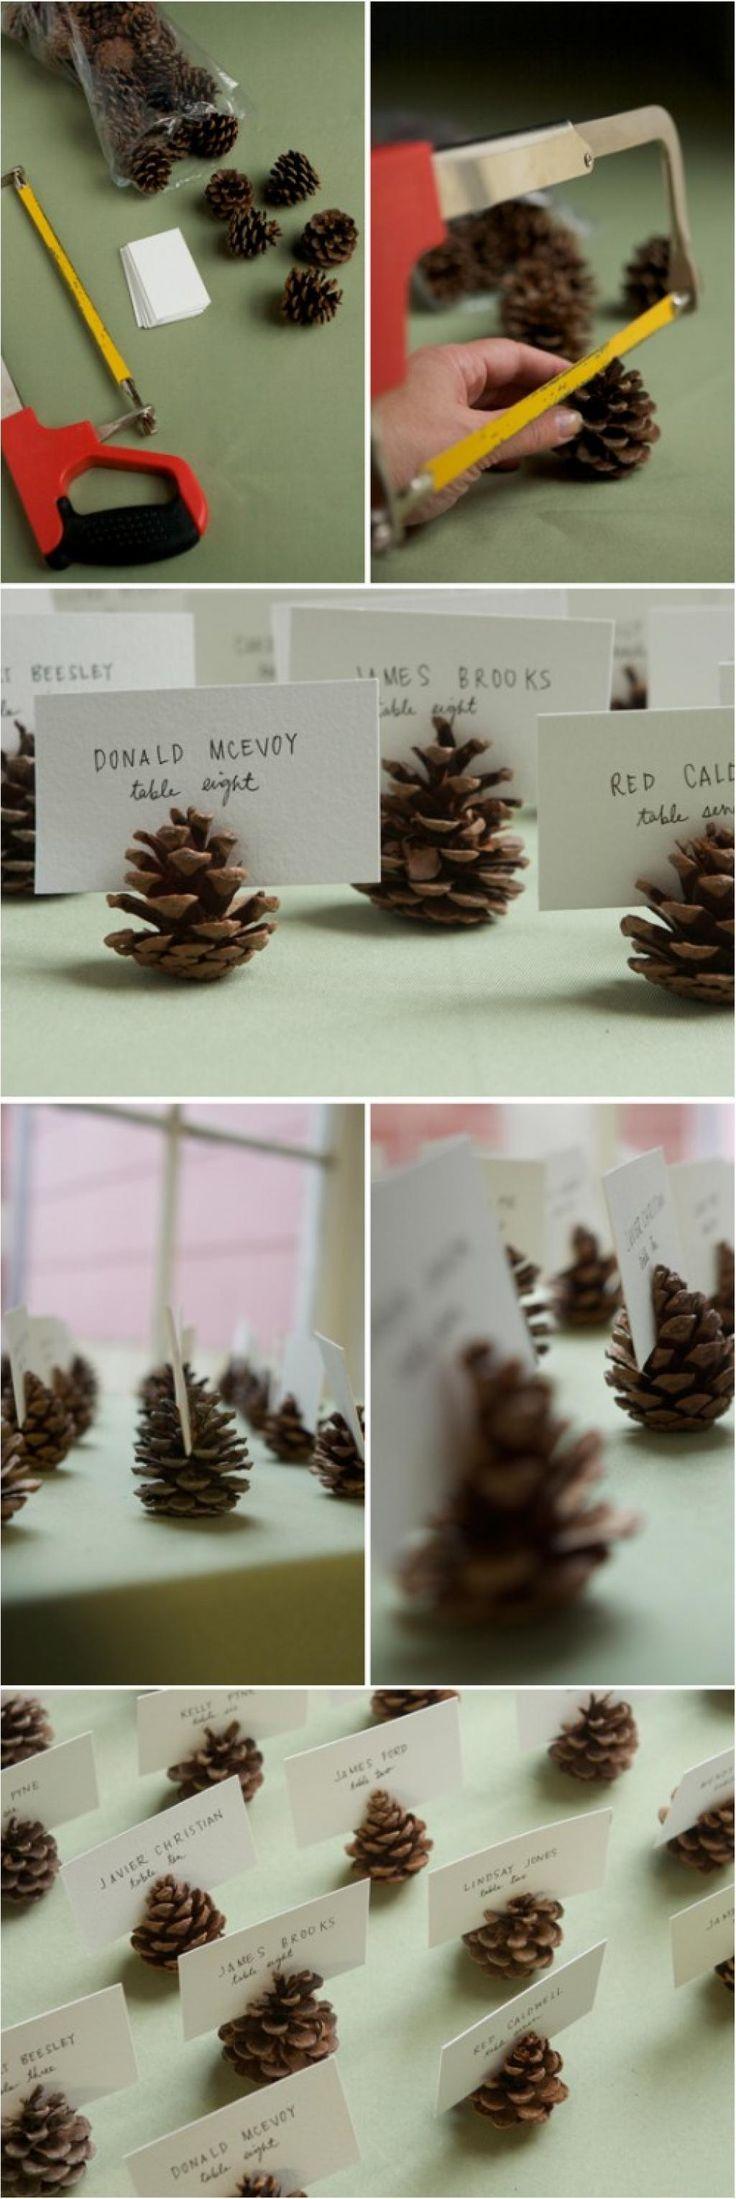 Pleins de petites mais de bonnes idées pour faire changement ce Noël! Décorer…